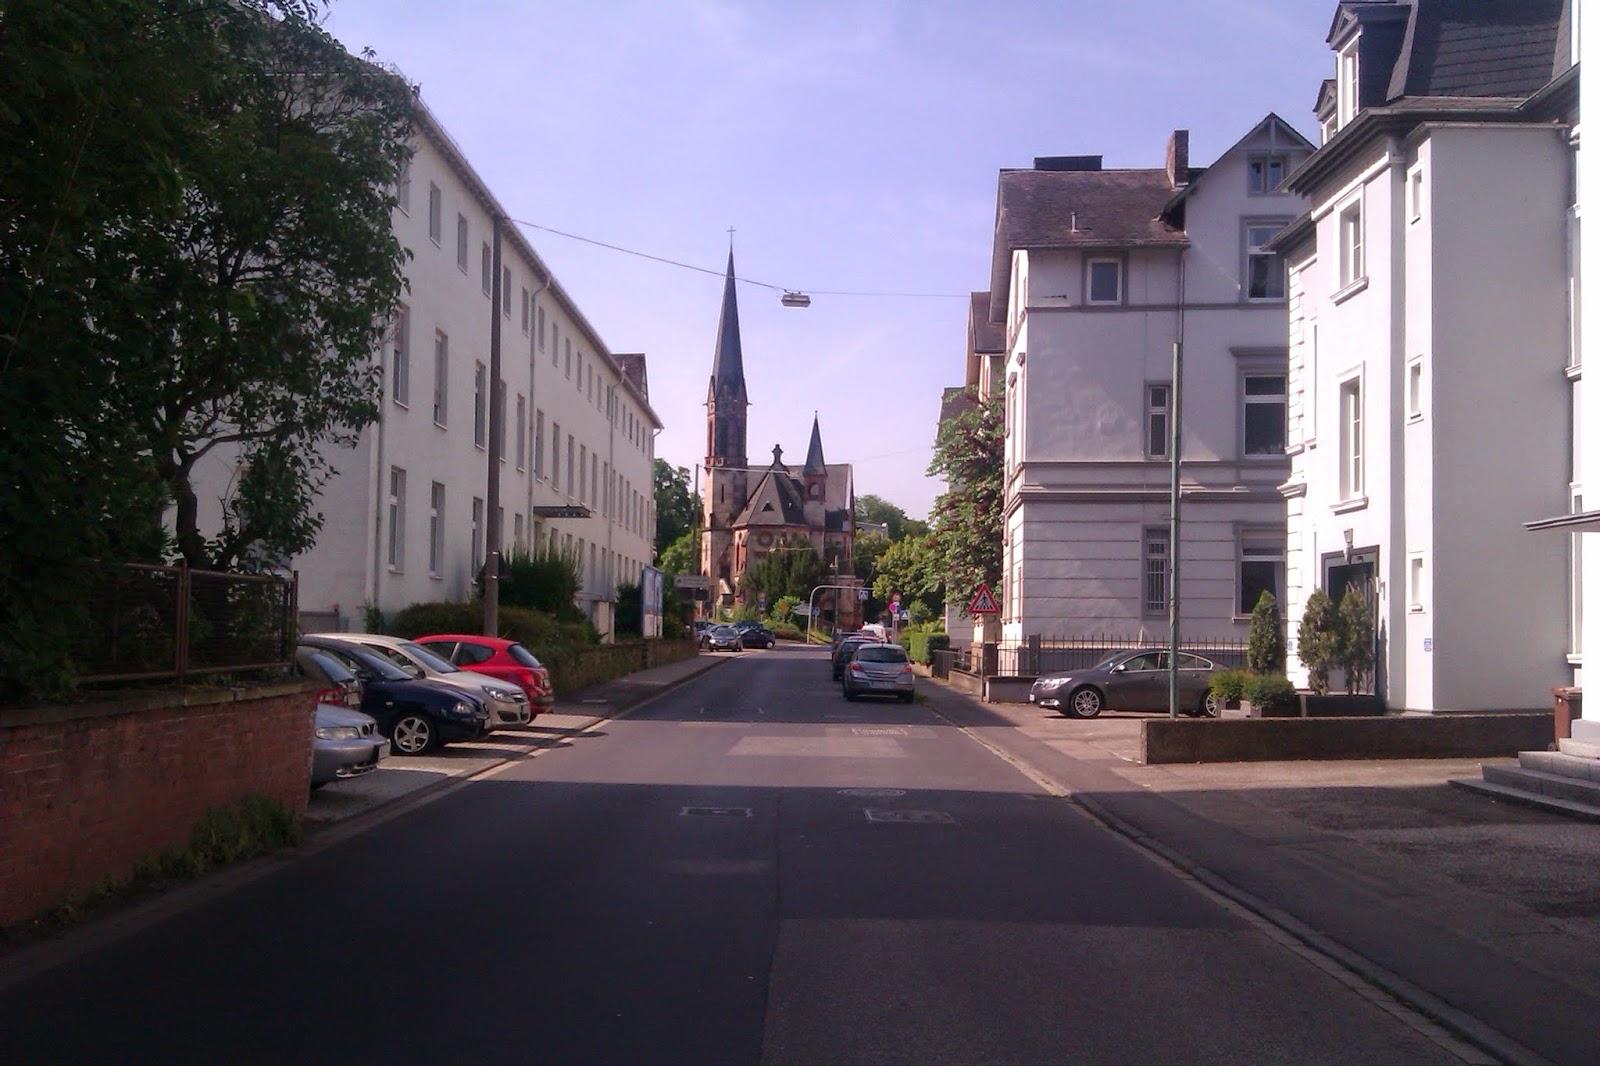 Rhein Koblenz